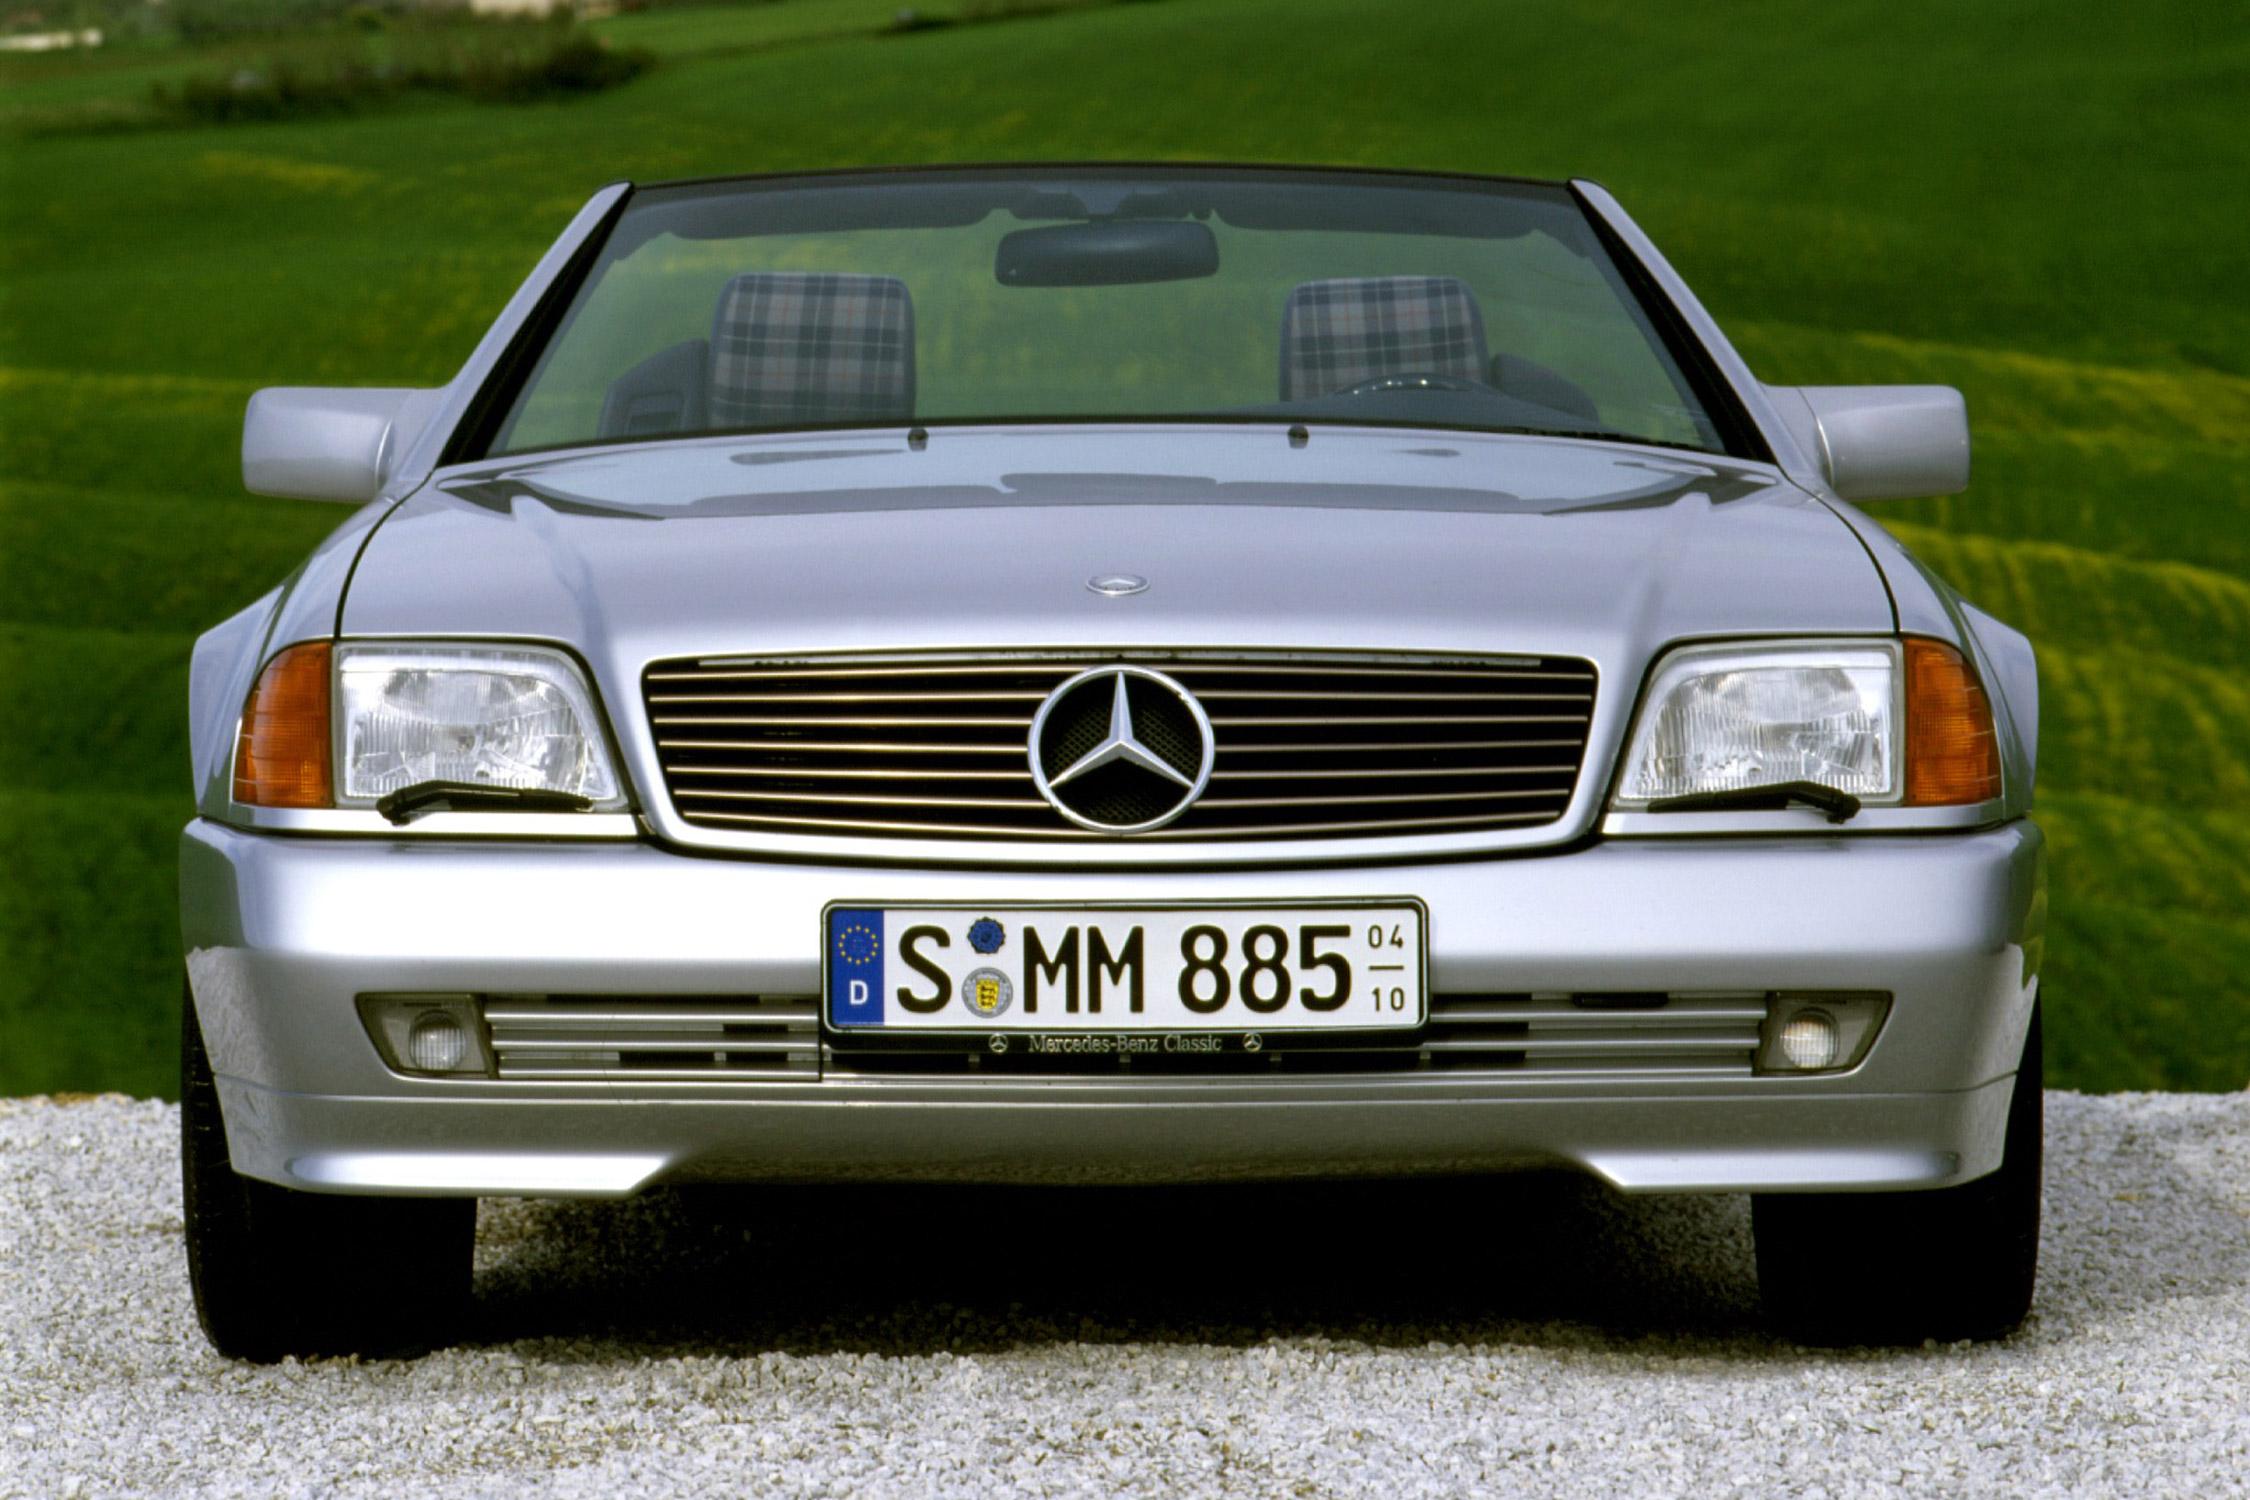 FLYER POUR LE RASSO SL DES 30 ANS Mercedes-classe-sl-r129-autre-108015